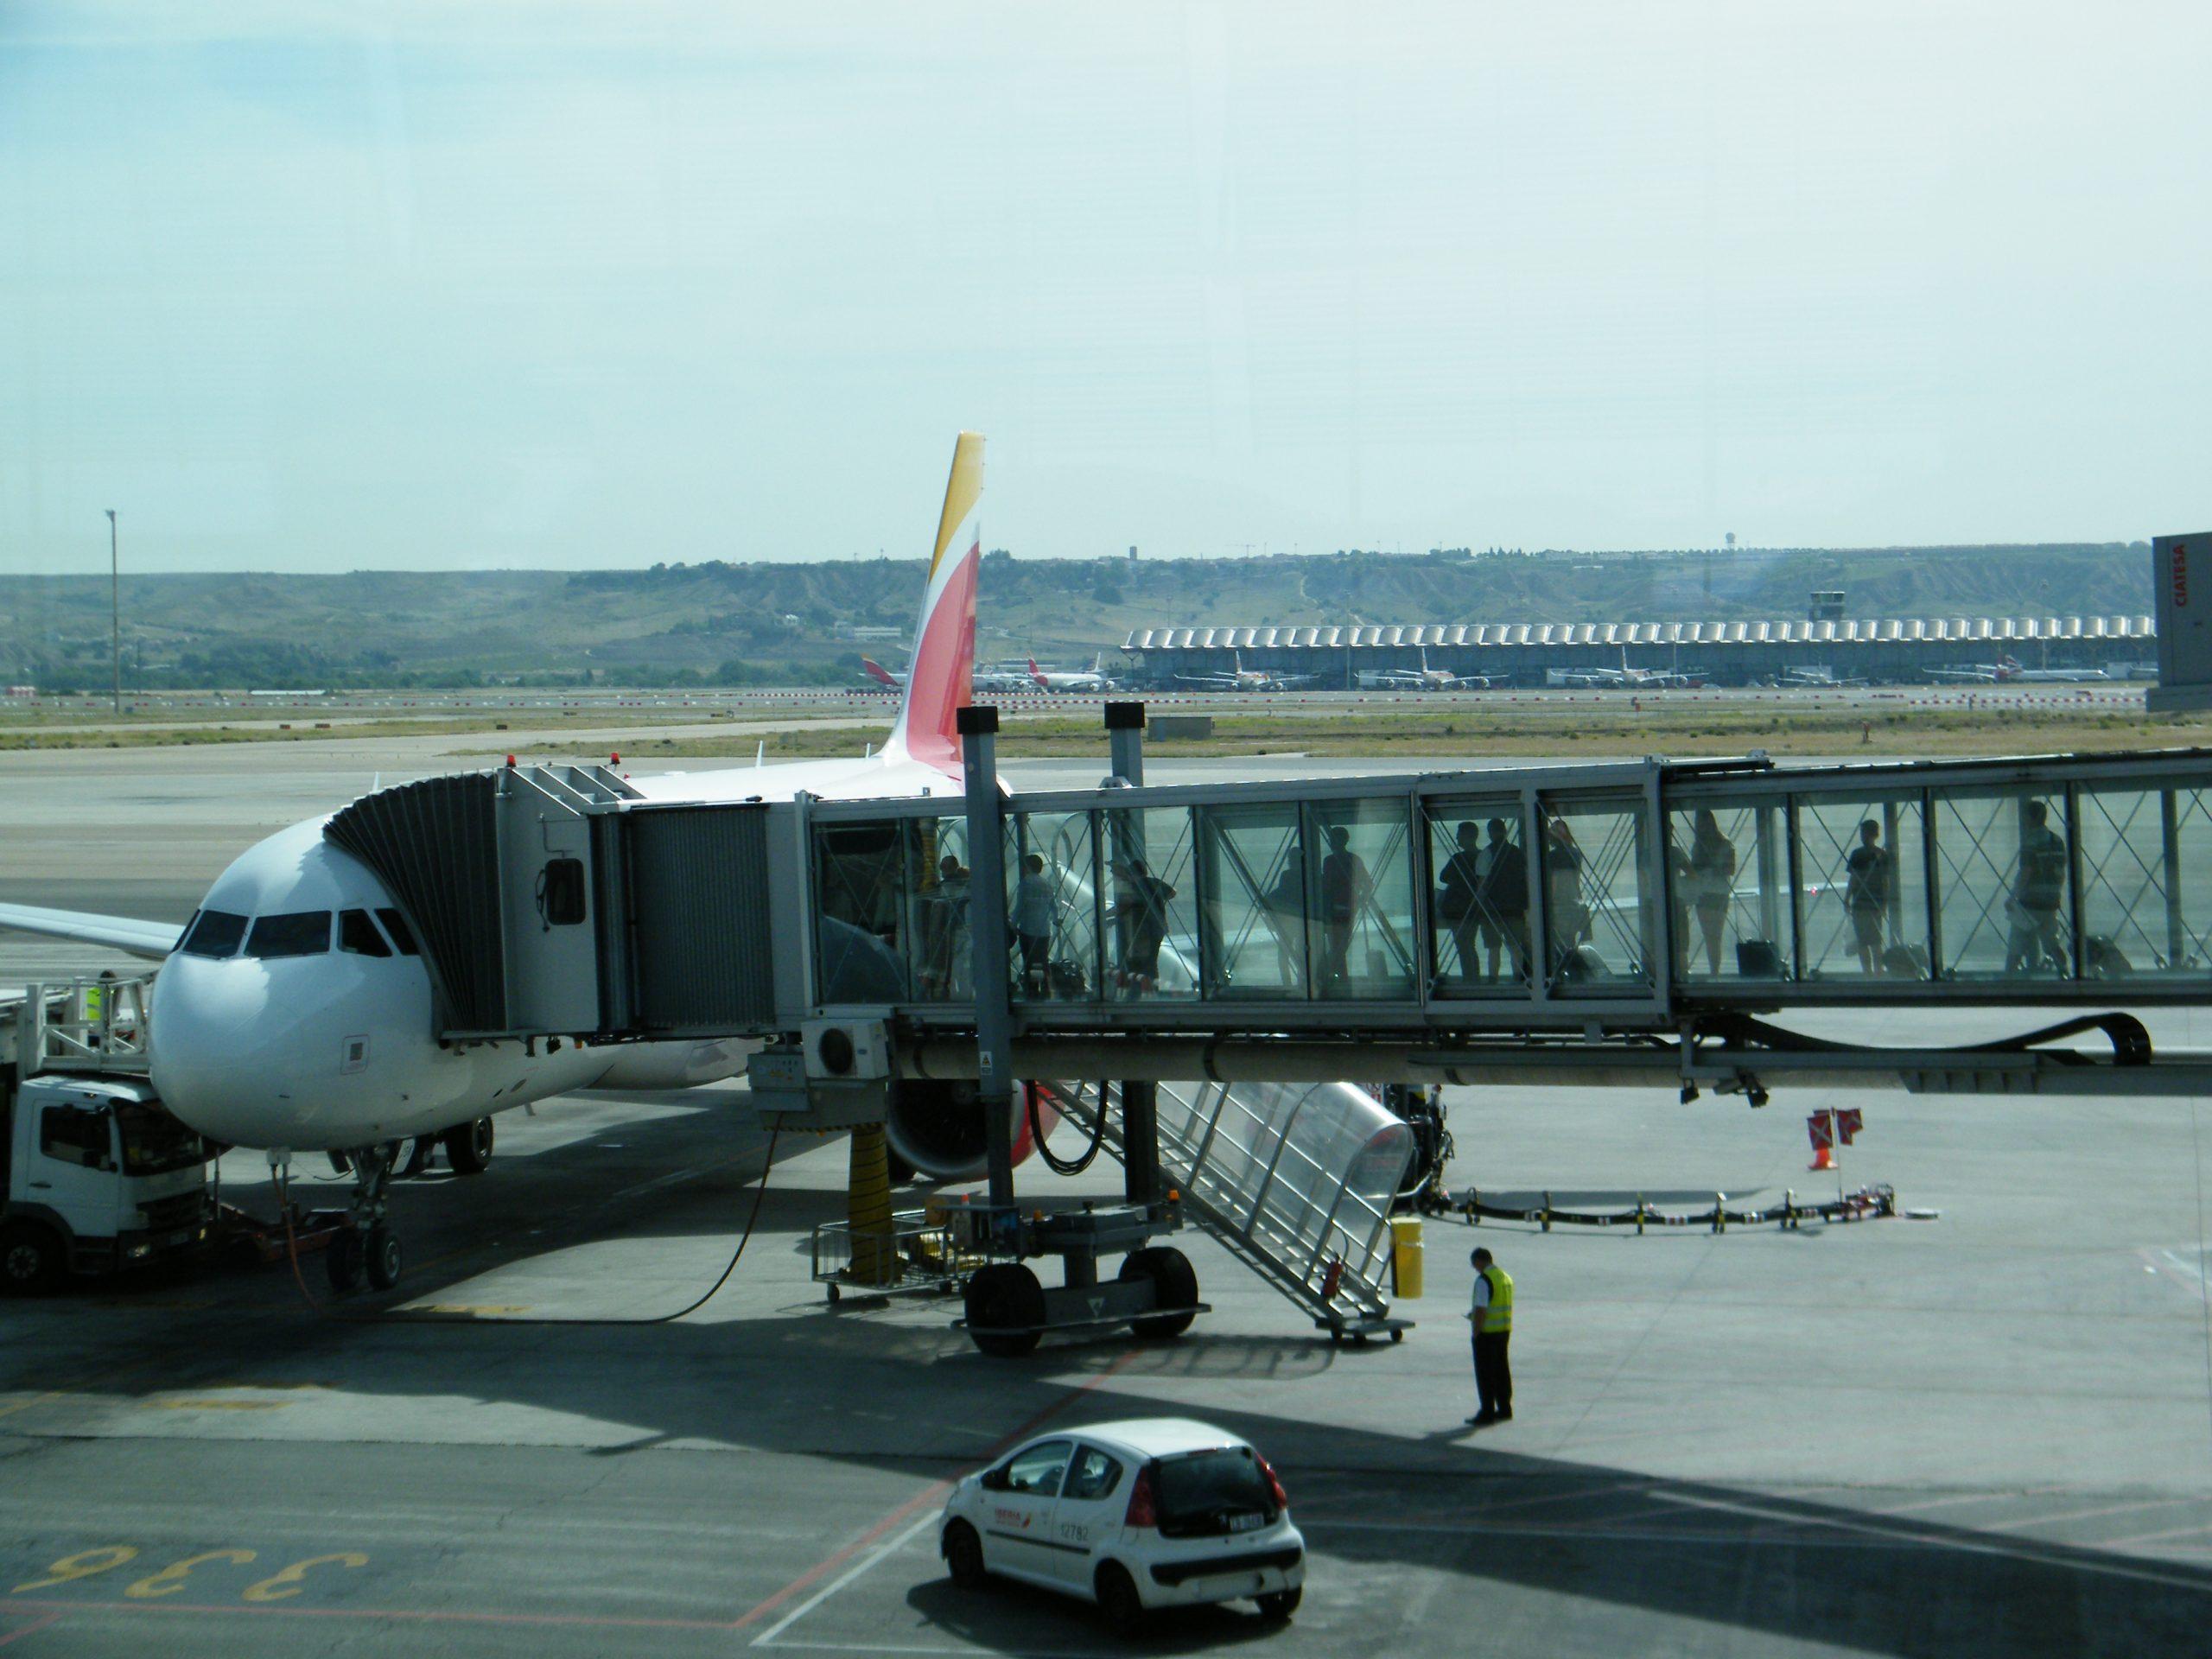 I øjeblikket kræver hverken SAS, Norwegian, Vuelling eller Ryanair, der alle flyver direkte mellem Spanien og Danmark, at flypassagerer skal have en negativ coronatest for at komme med fly. Her er er der ombordstigning i lufthavnen i Madrid. Arkivfoto: Henrik Baumgarten.